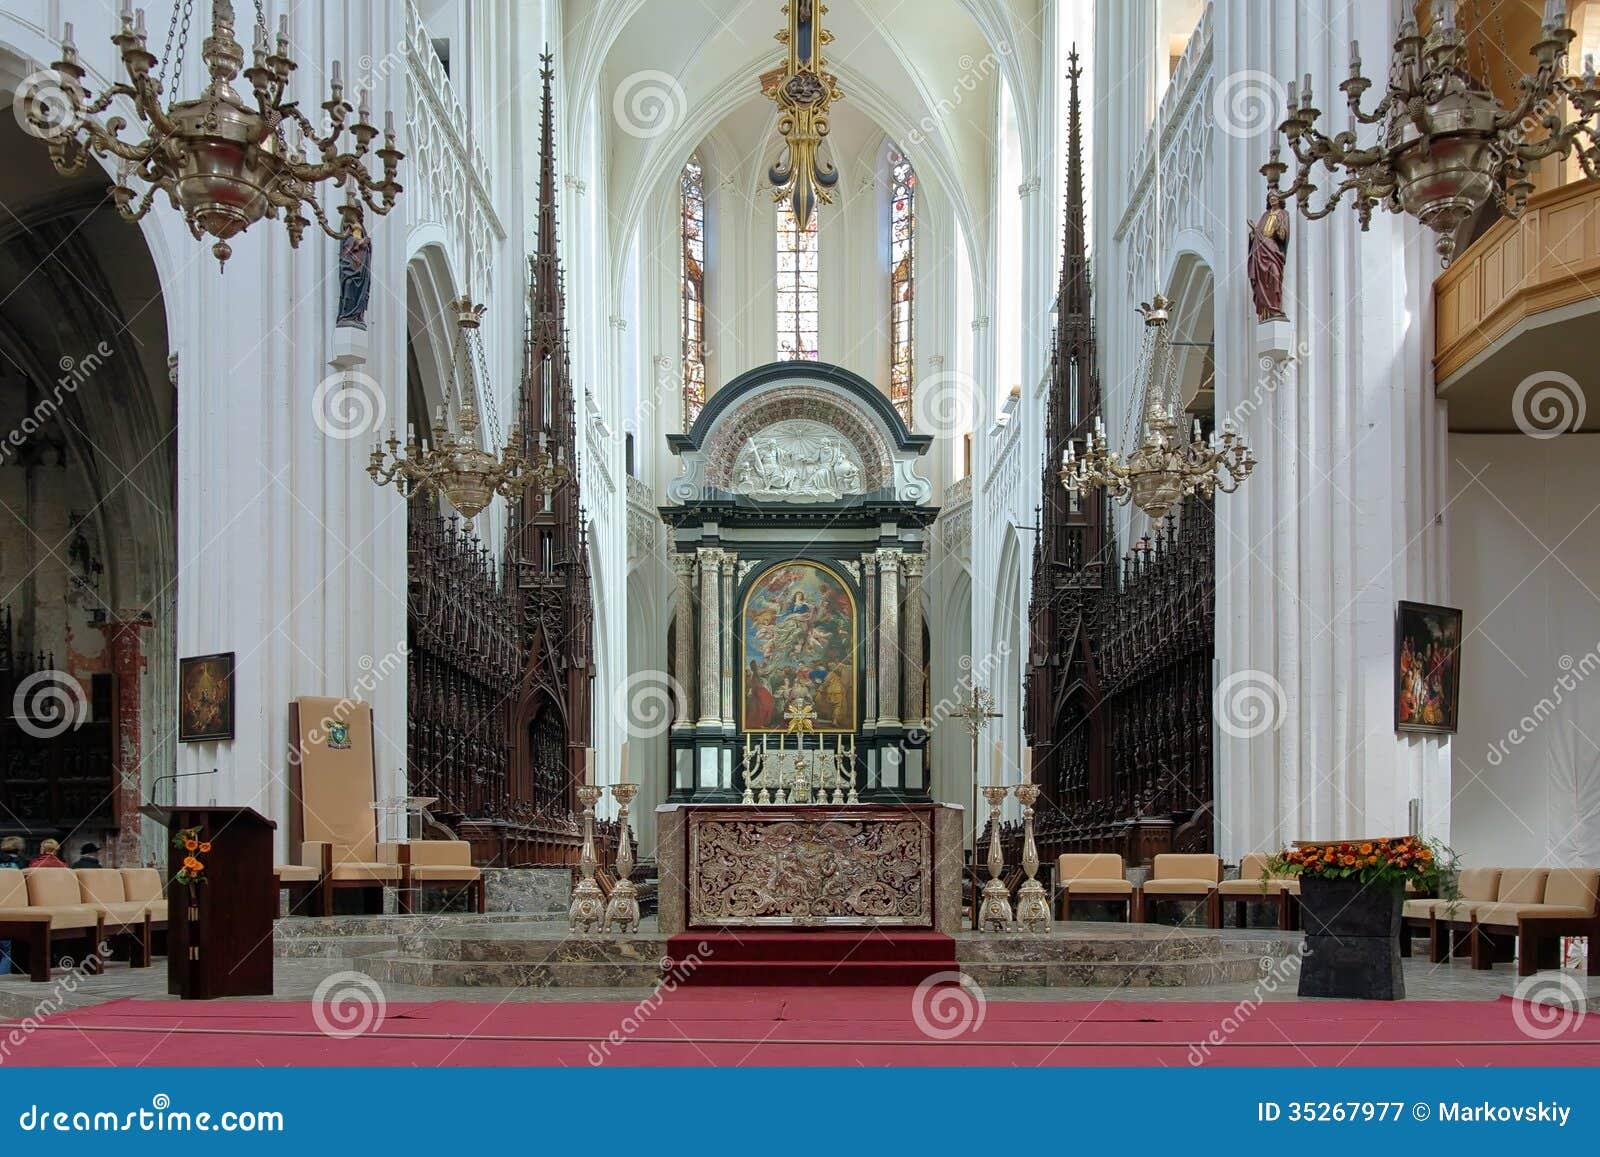 http://thumbs.dreamstime.com/z/choeur-et-autel-de-la-cathédrale-de-notre-madame-à-anvers-35267977.jpg